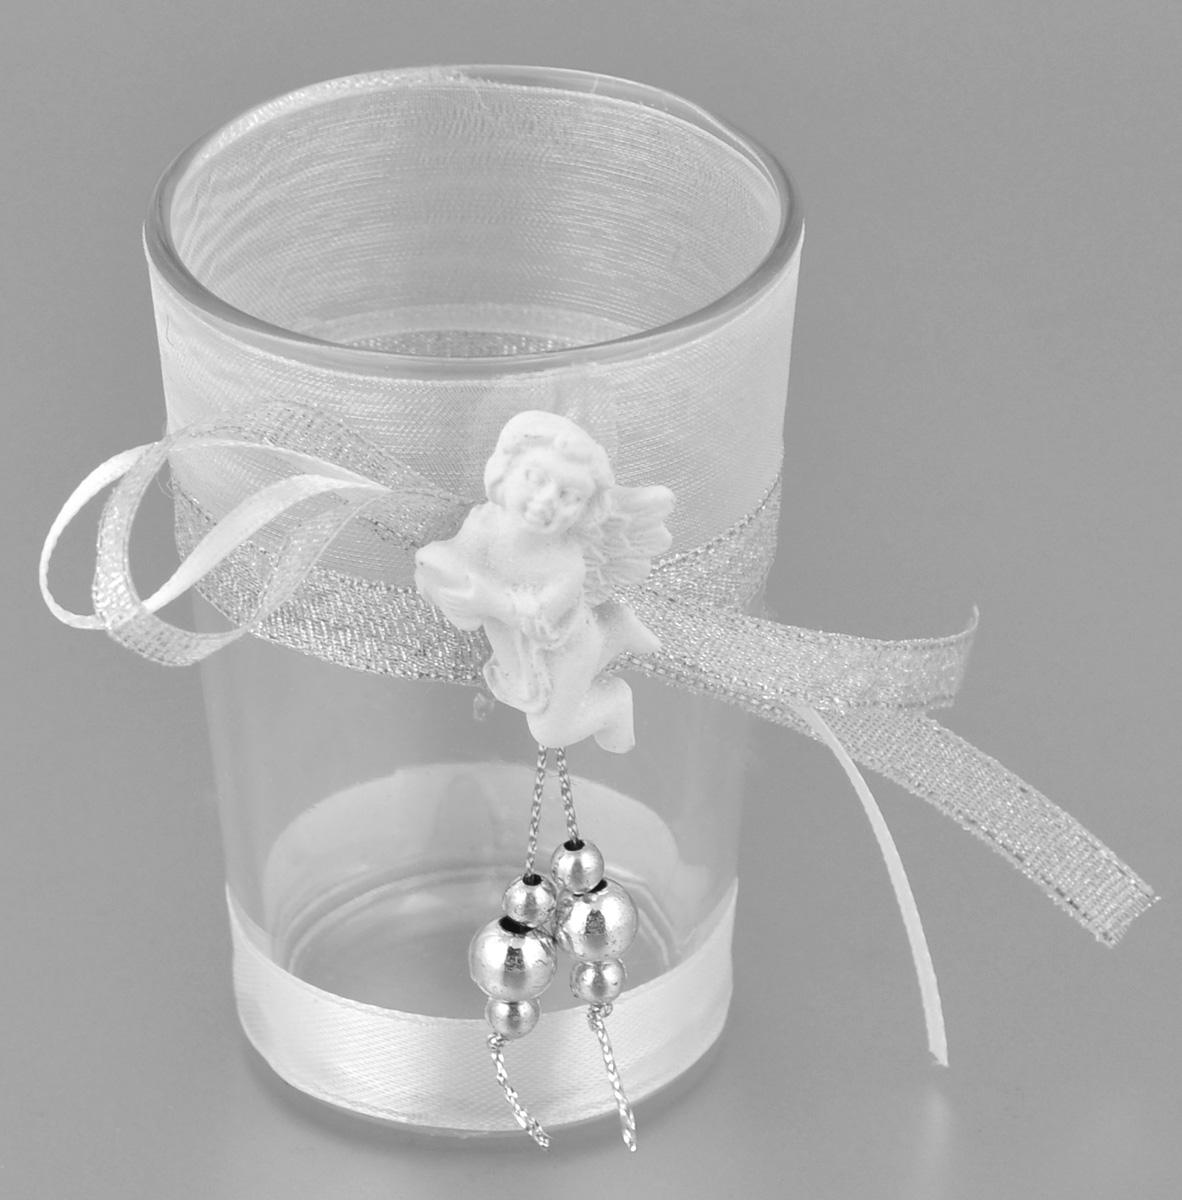 Подсвечник декоративный Феникс-презент Ангел, высота 8,5 см35320Декоративный подсвечник Феникс-презент Ангел, изготовленный из прочного стекла, декорирован фигуркой ангела и ленточкой. Такой подсвечник станет отличным выбором для тех, кто хочет сделать запоминающийся подарок родным и близким. Кроме того, он может хорошо вписаться в интерьер вашего дома или дачи.